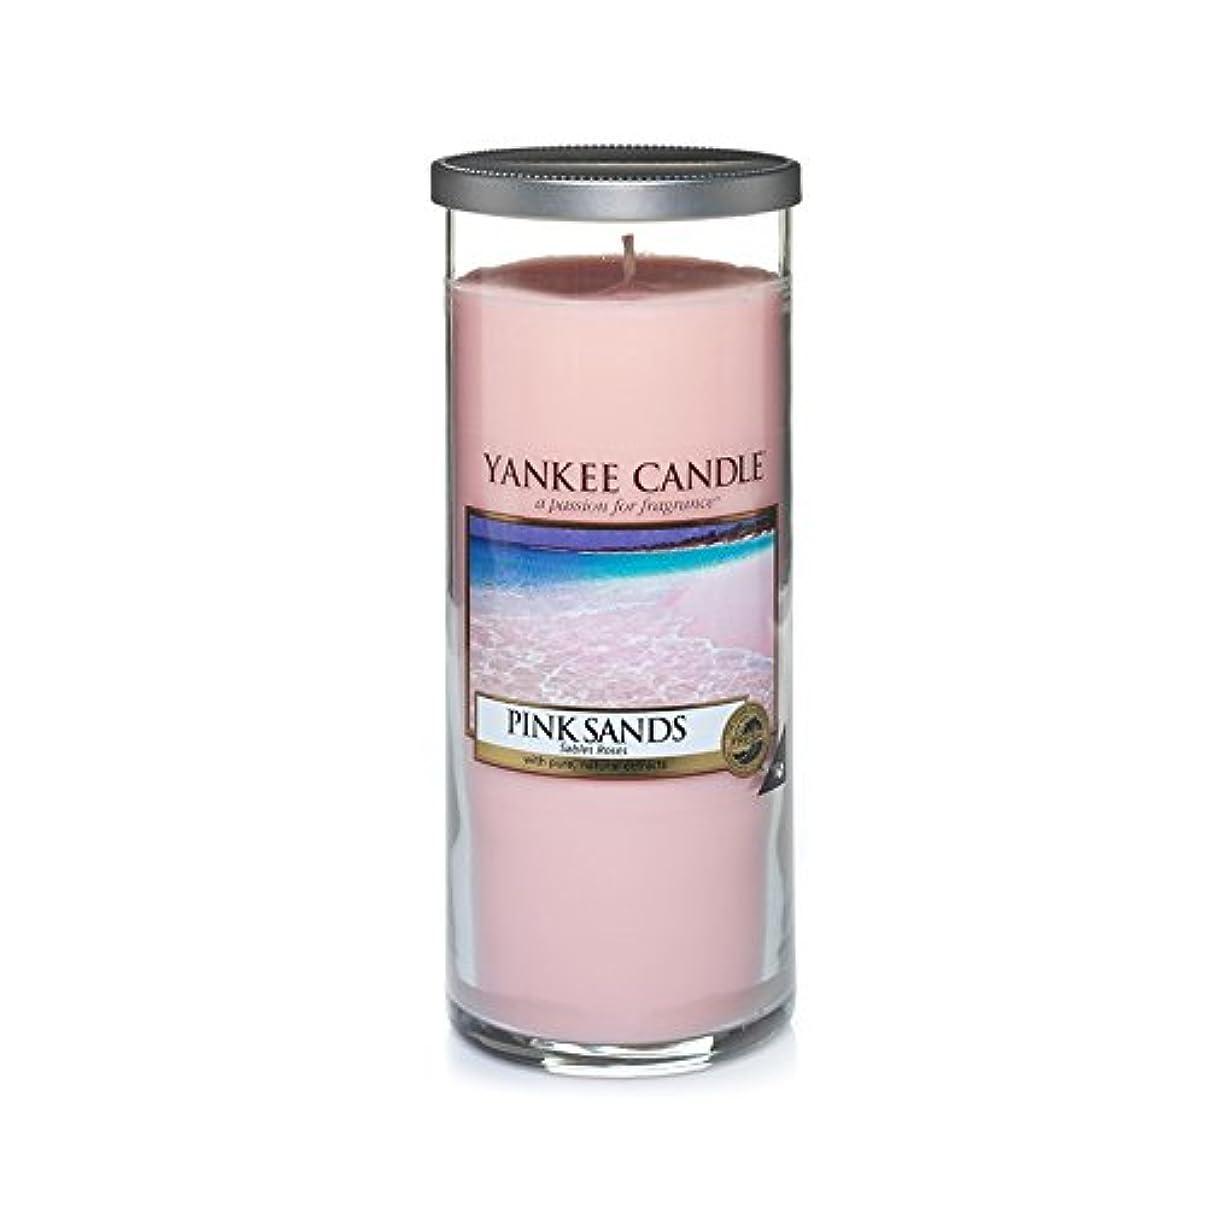 知覚グレートオーク直感Yankee Candles Large Pillar Candle - Pink Sands? (Pack of 2) - ヤンキーキャンドル大きな柱キャンドル - ピンクの砂? (x2) [並行輸入品]